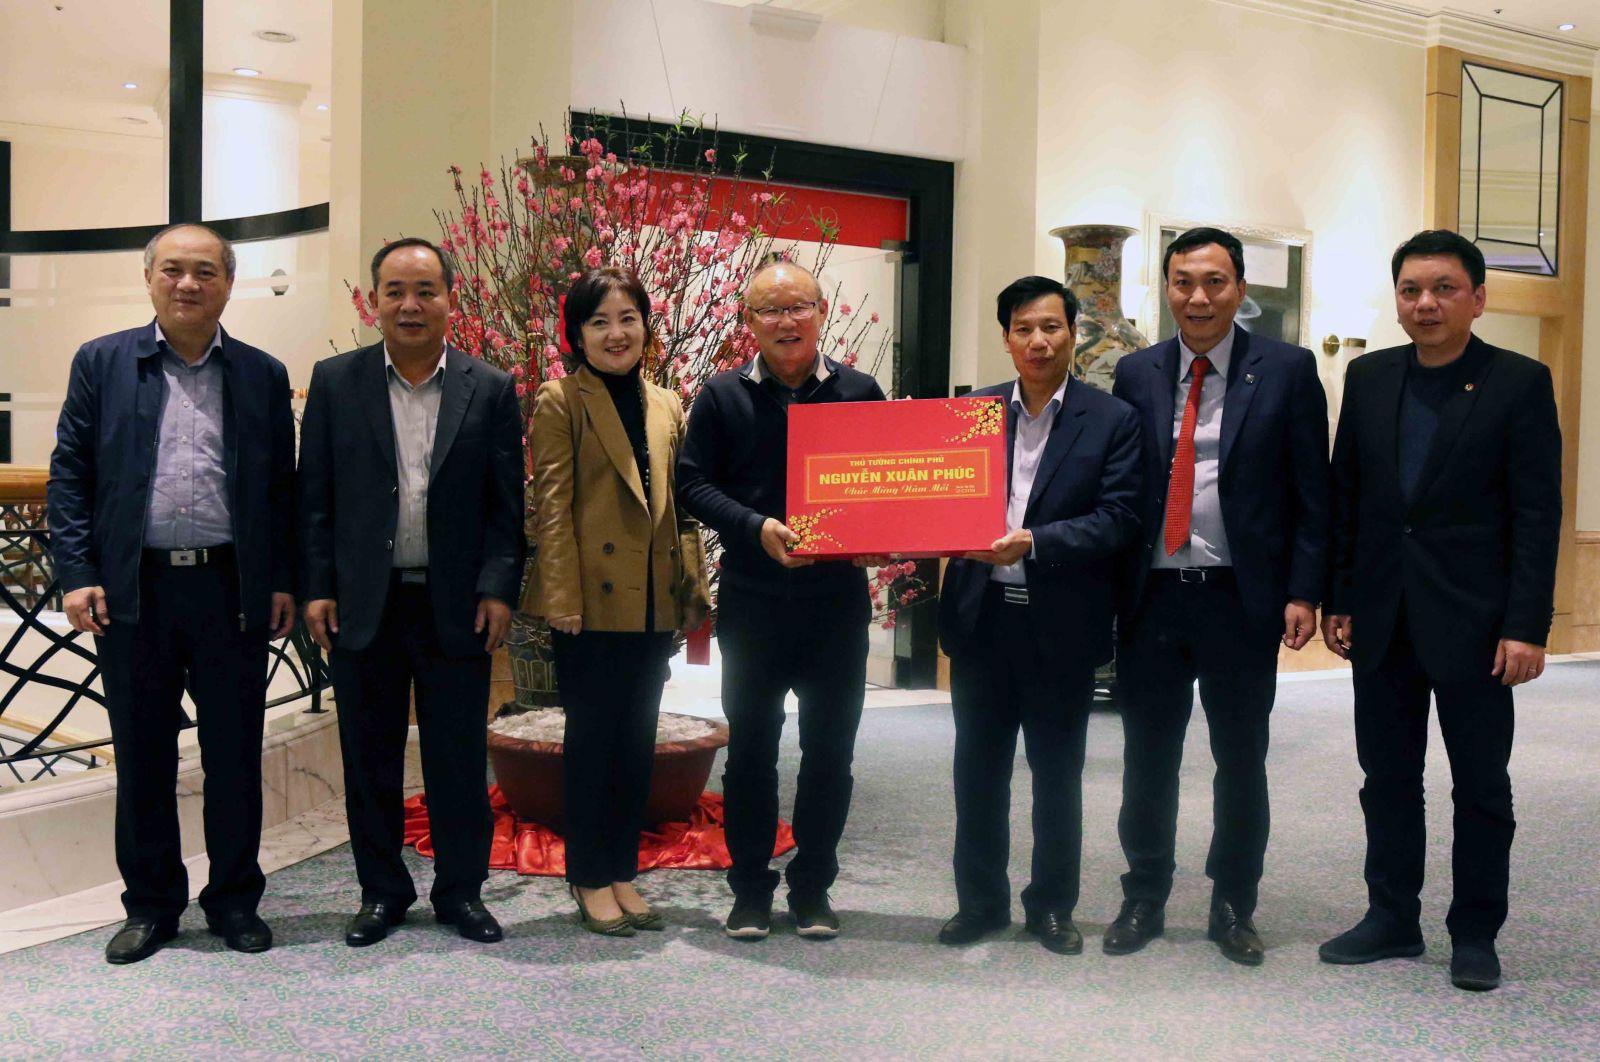 HLV Park Hang-seo nhận quà tặng của Thủ tướng Nguyễn Xuân Phúc trước khi về nước ăn Tết